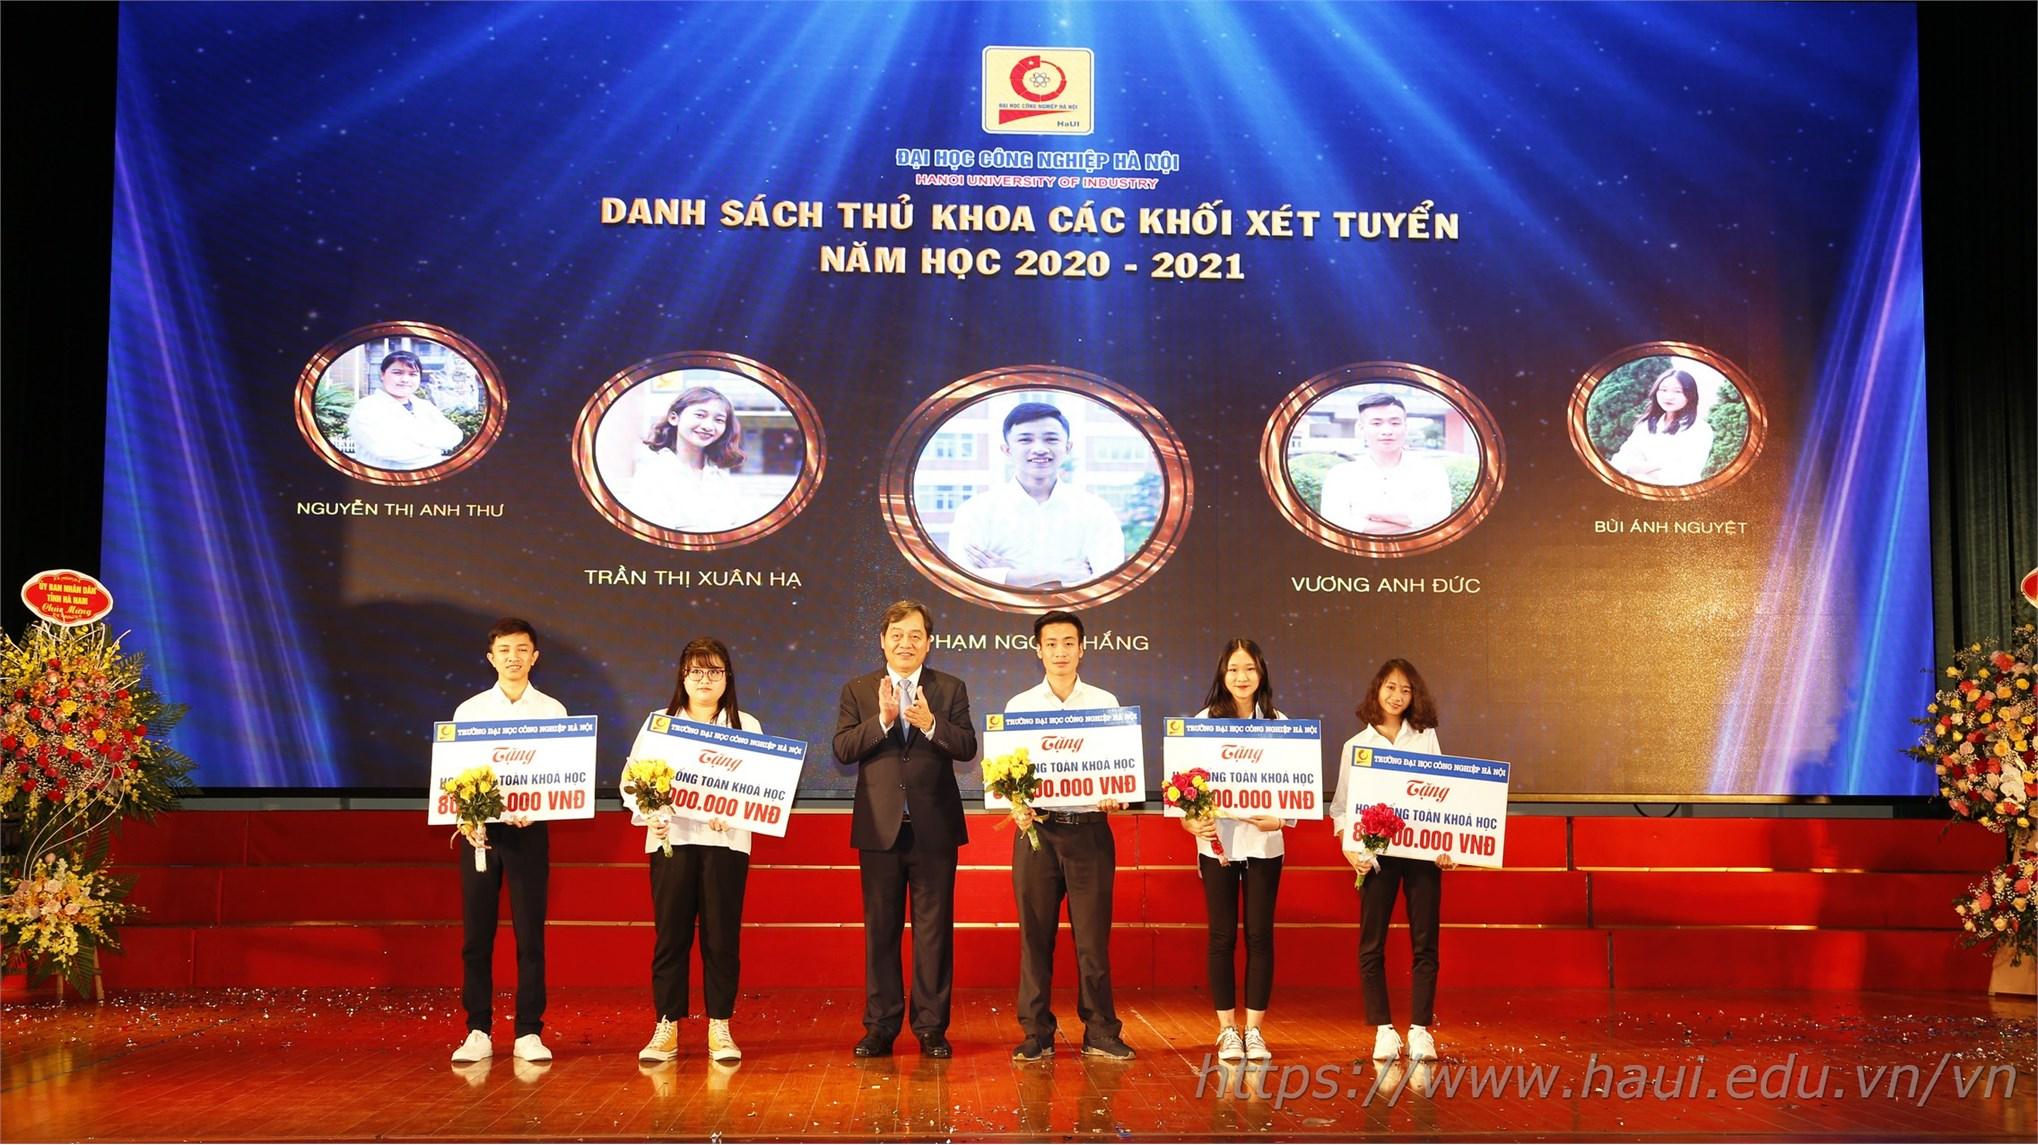 PGS.TS.Trần Đức Quý – Bí thư Đảng ủy, Hiệu trưởng nhà trường chúc mừng 5 thủ khoa đầu vào xuất sắc của ĐHCNHN